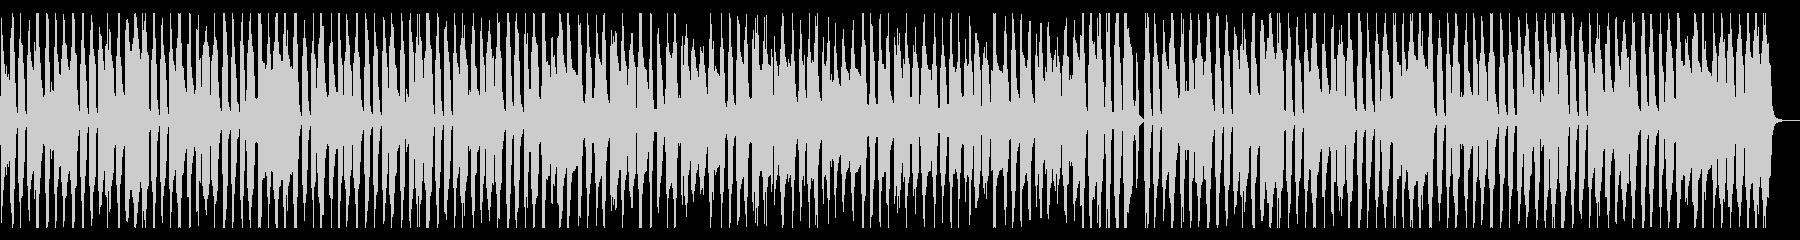 手拍子とウキウキなピアノの未再生の波形